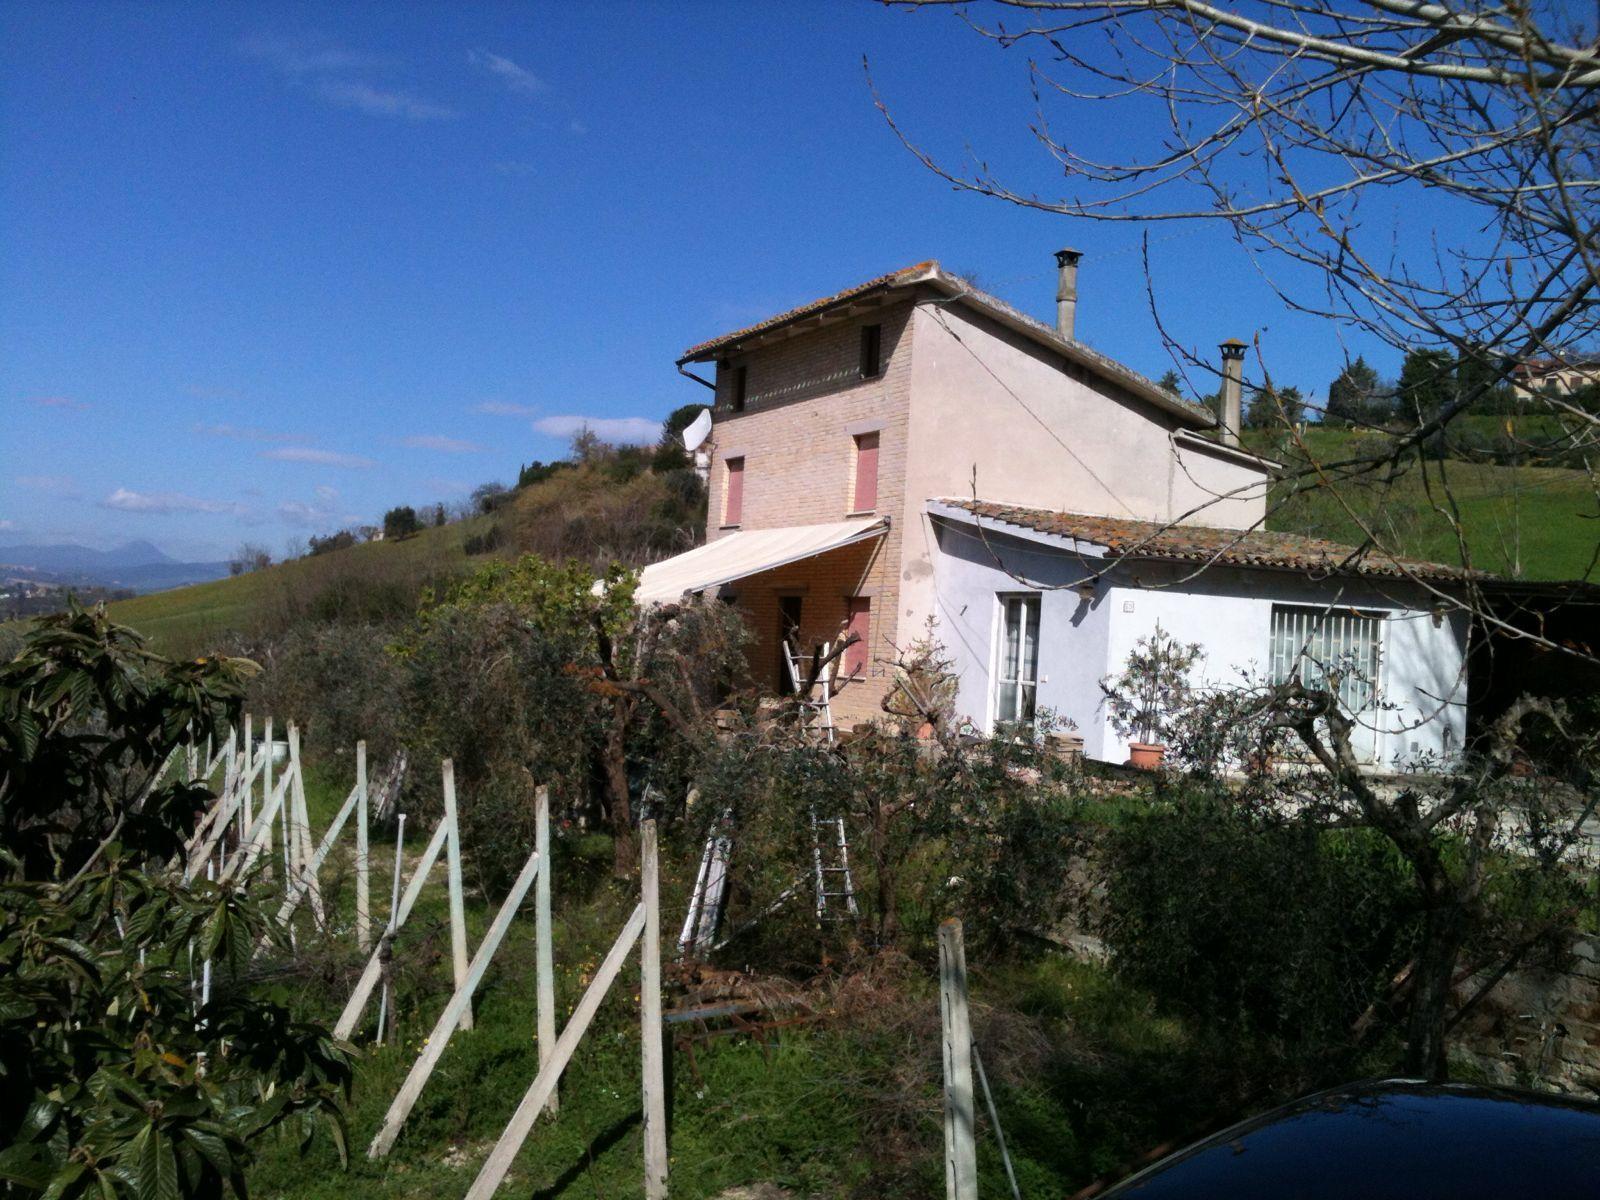 Soluzione Indipendente in vendita a Corridonia, 8 locali, zona Località: zonasemi-centrale, prezzo € 170.000 | Cambio Casa.it